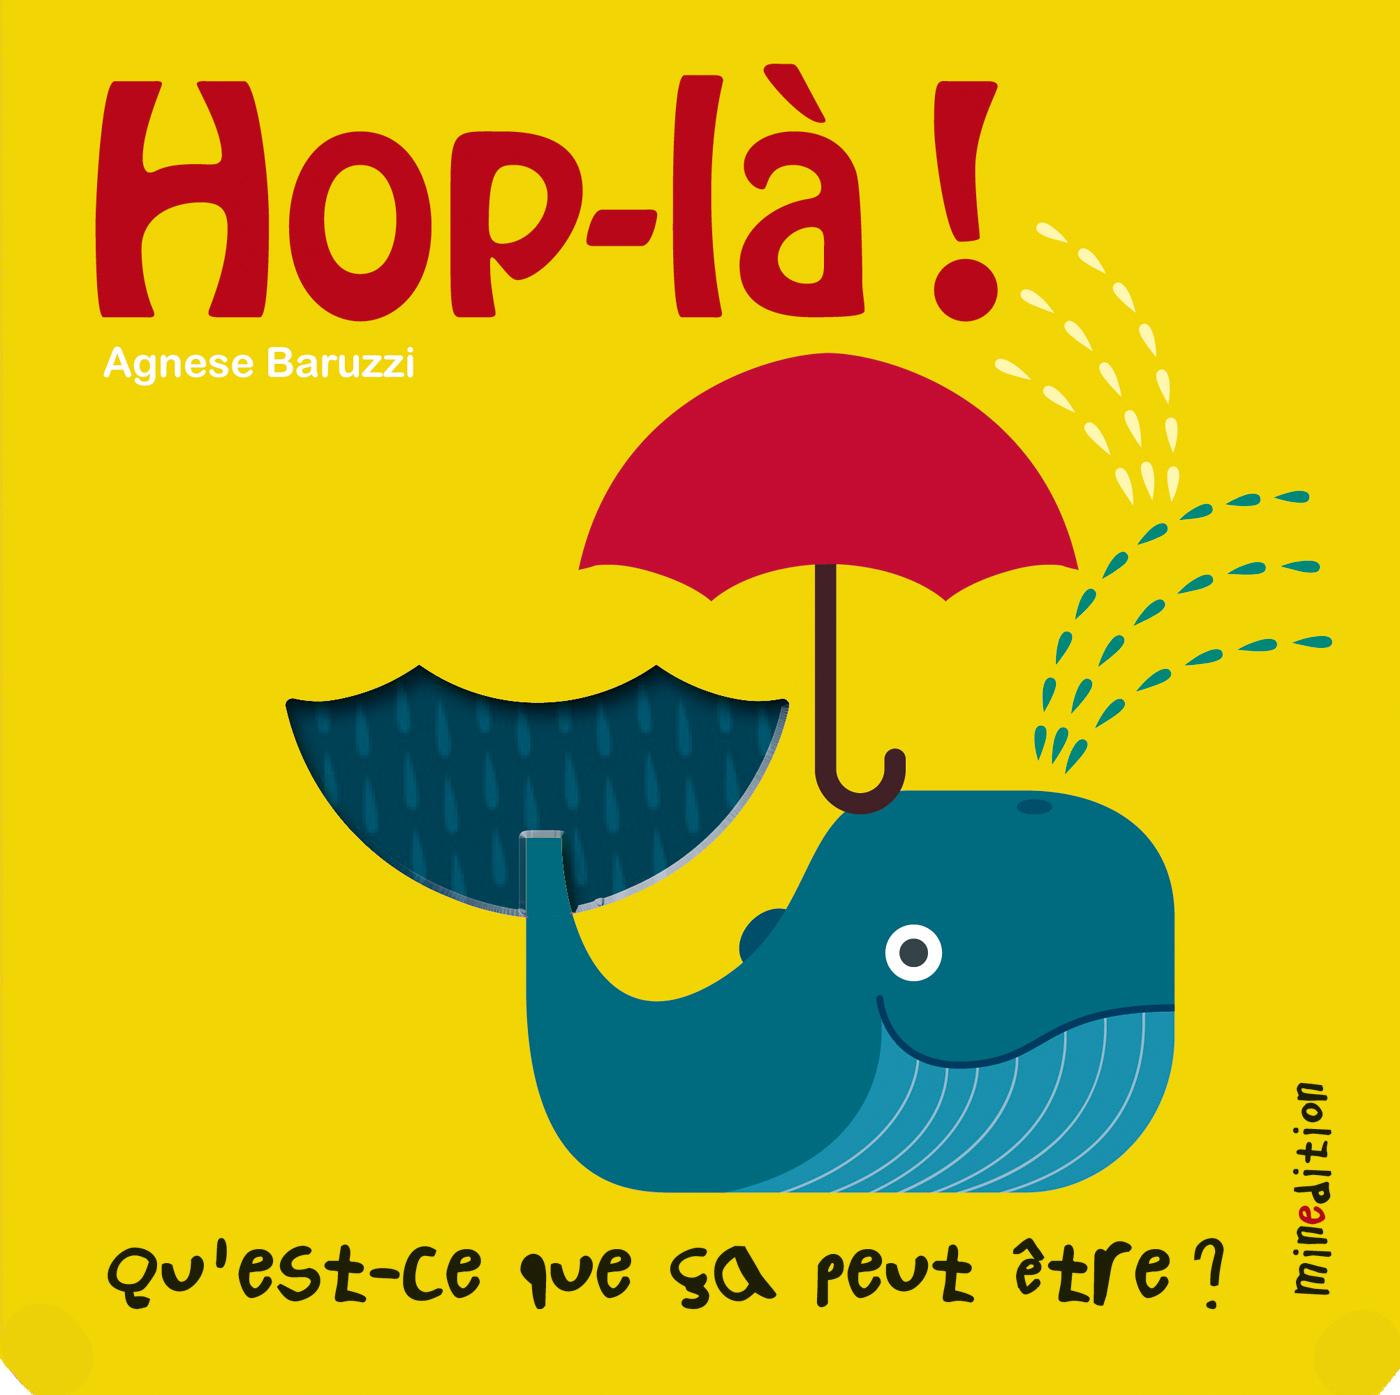 HOP-LA!